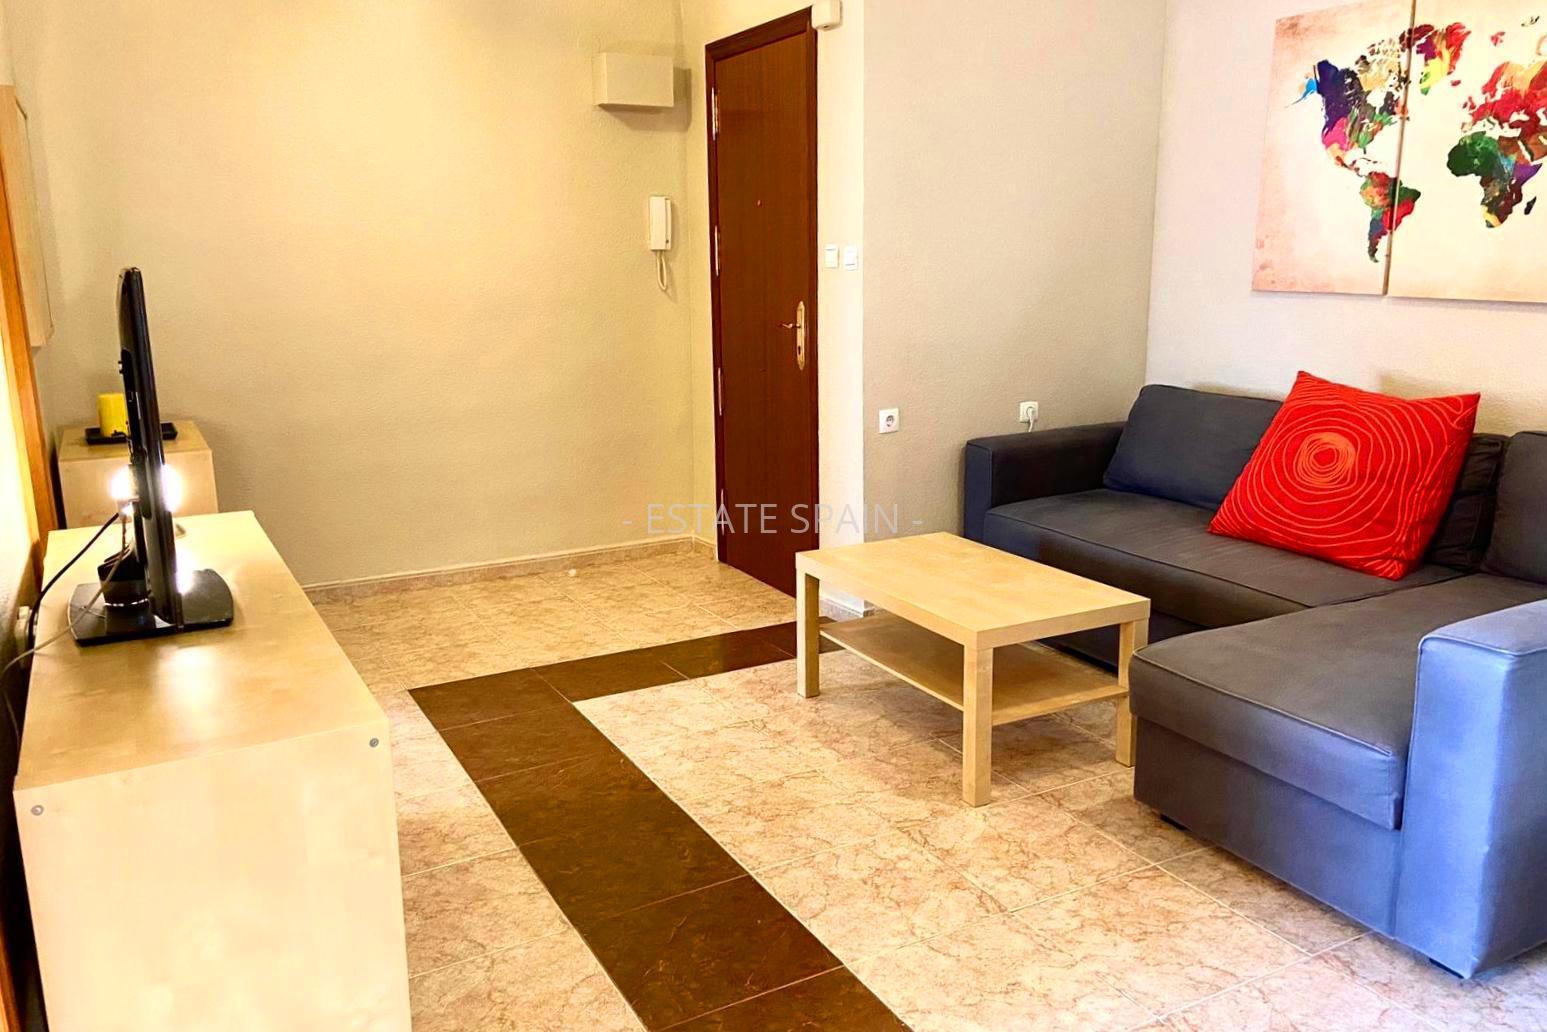 Квартира аликанте купить куплю недвижимость в болгарии недорого